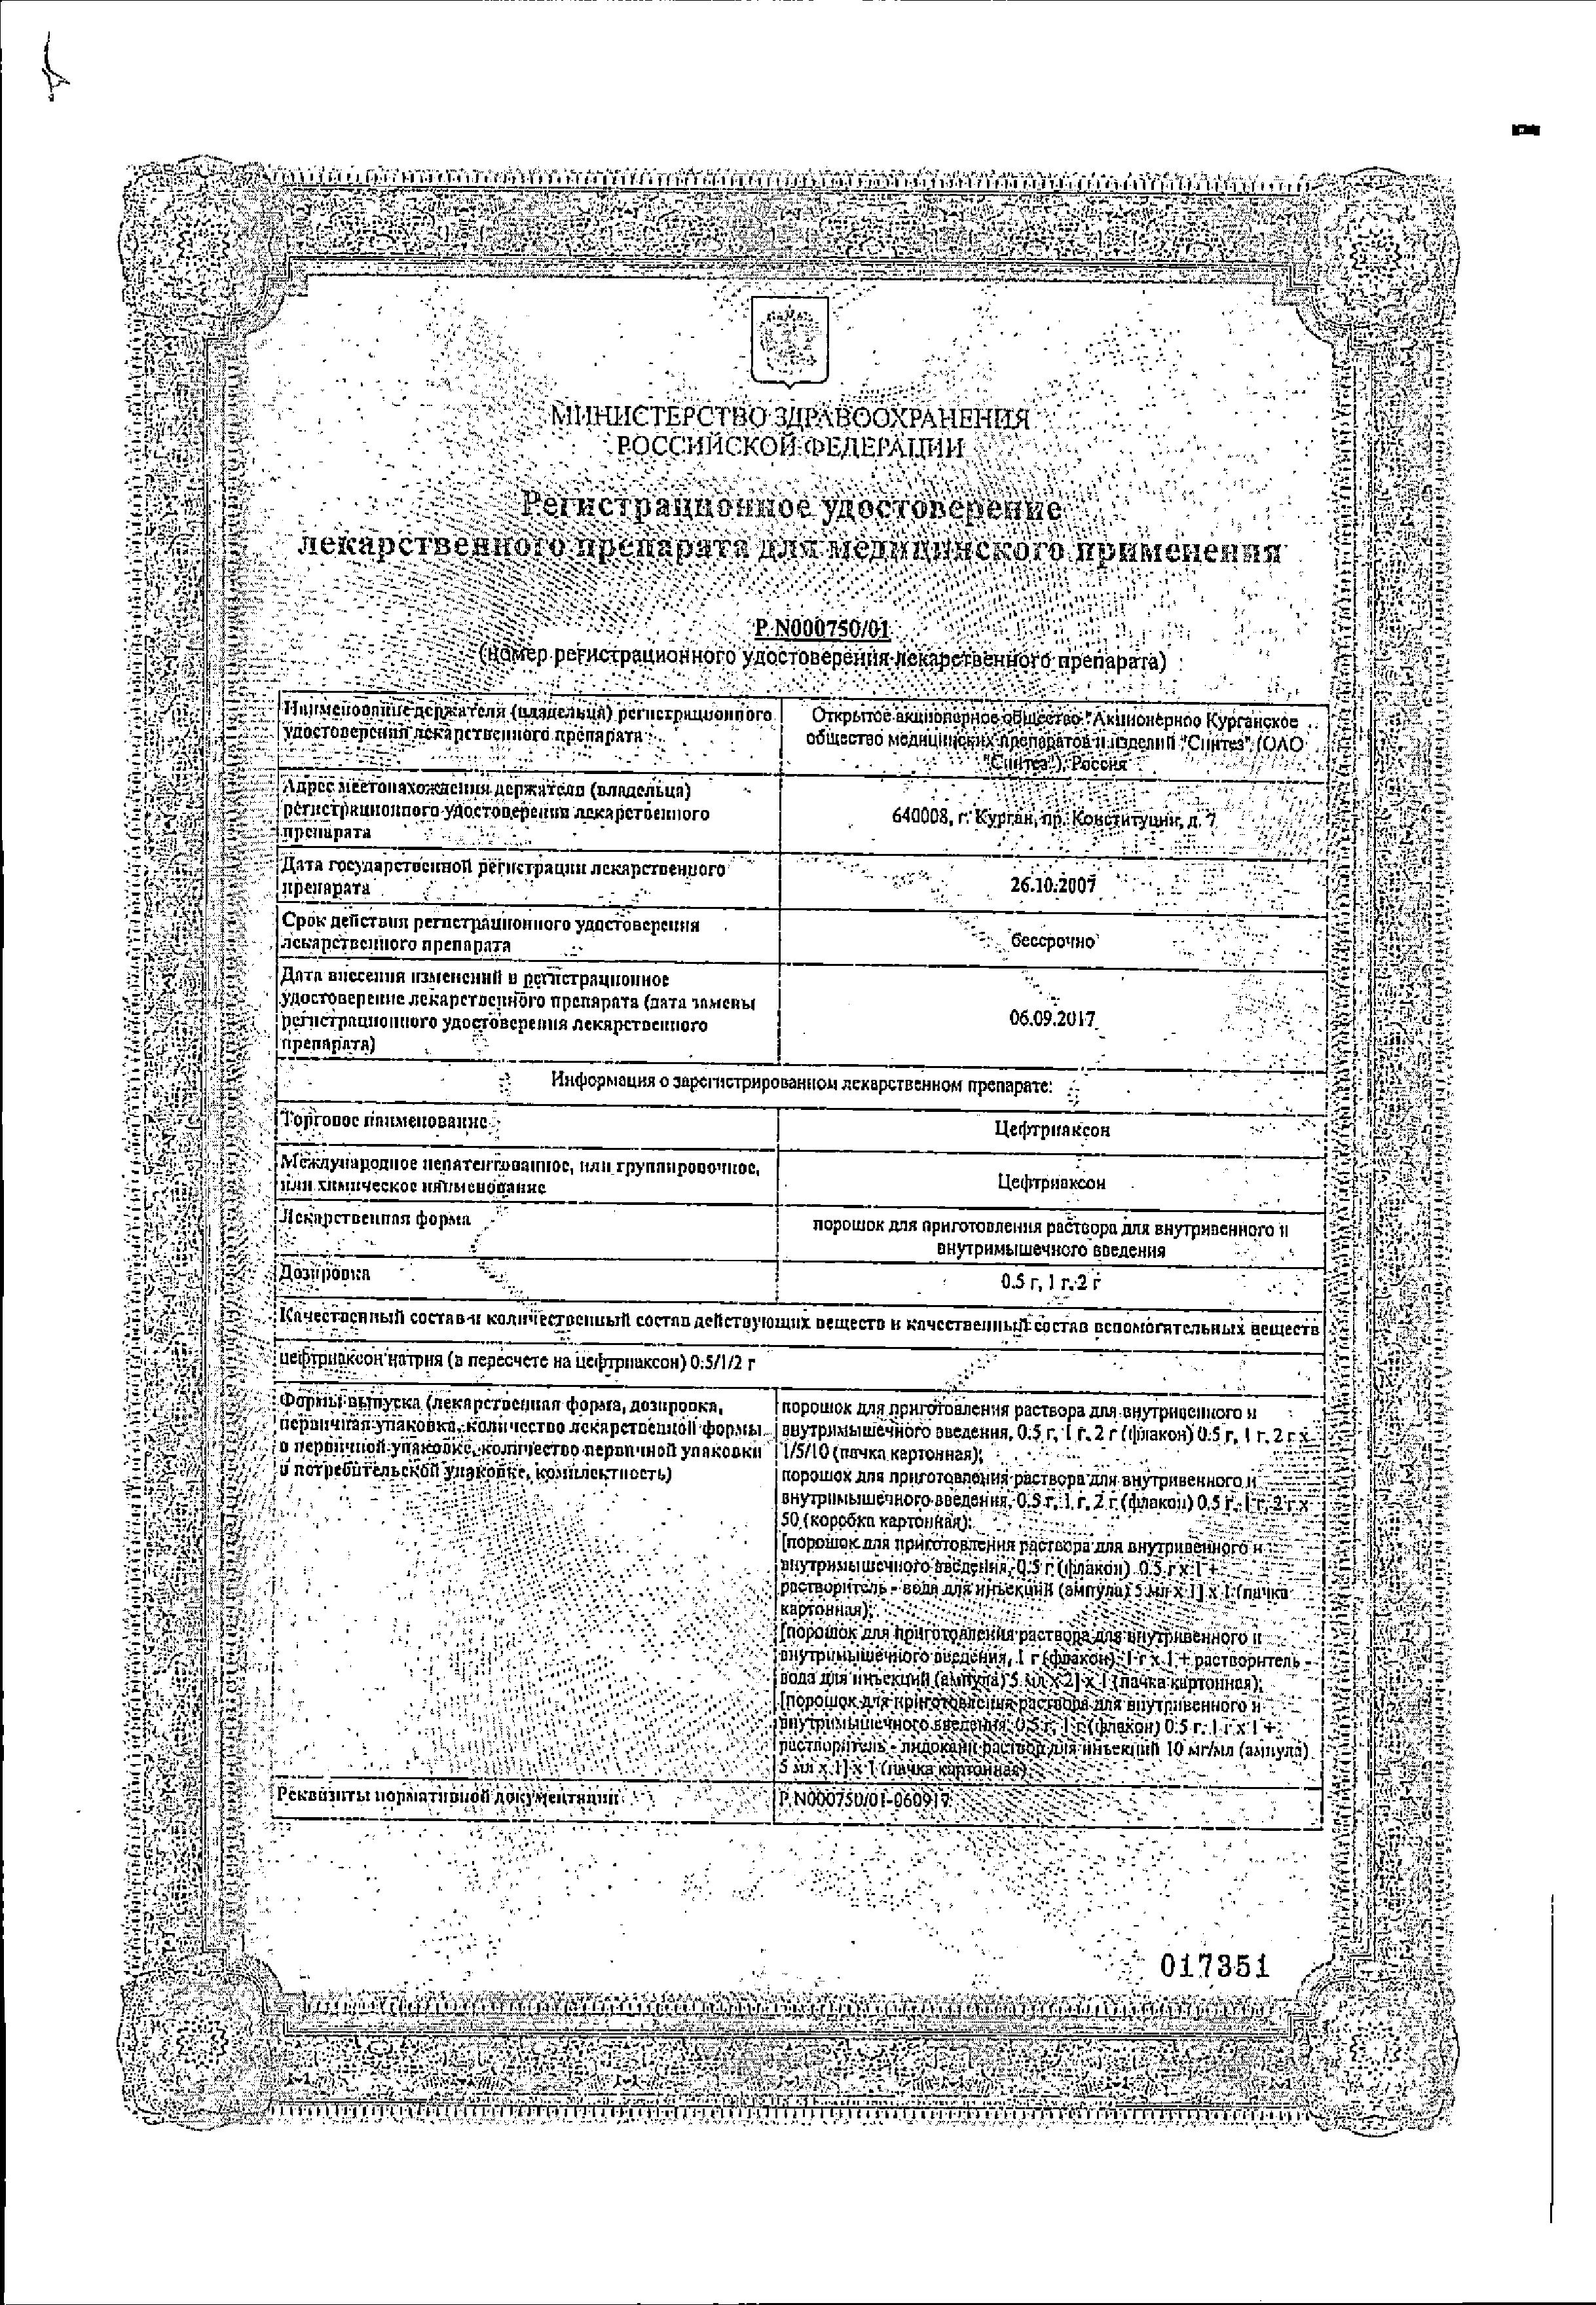 Цефтриаксон сертификат